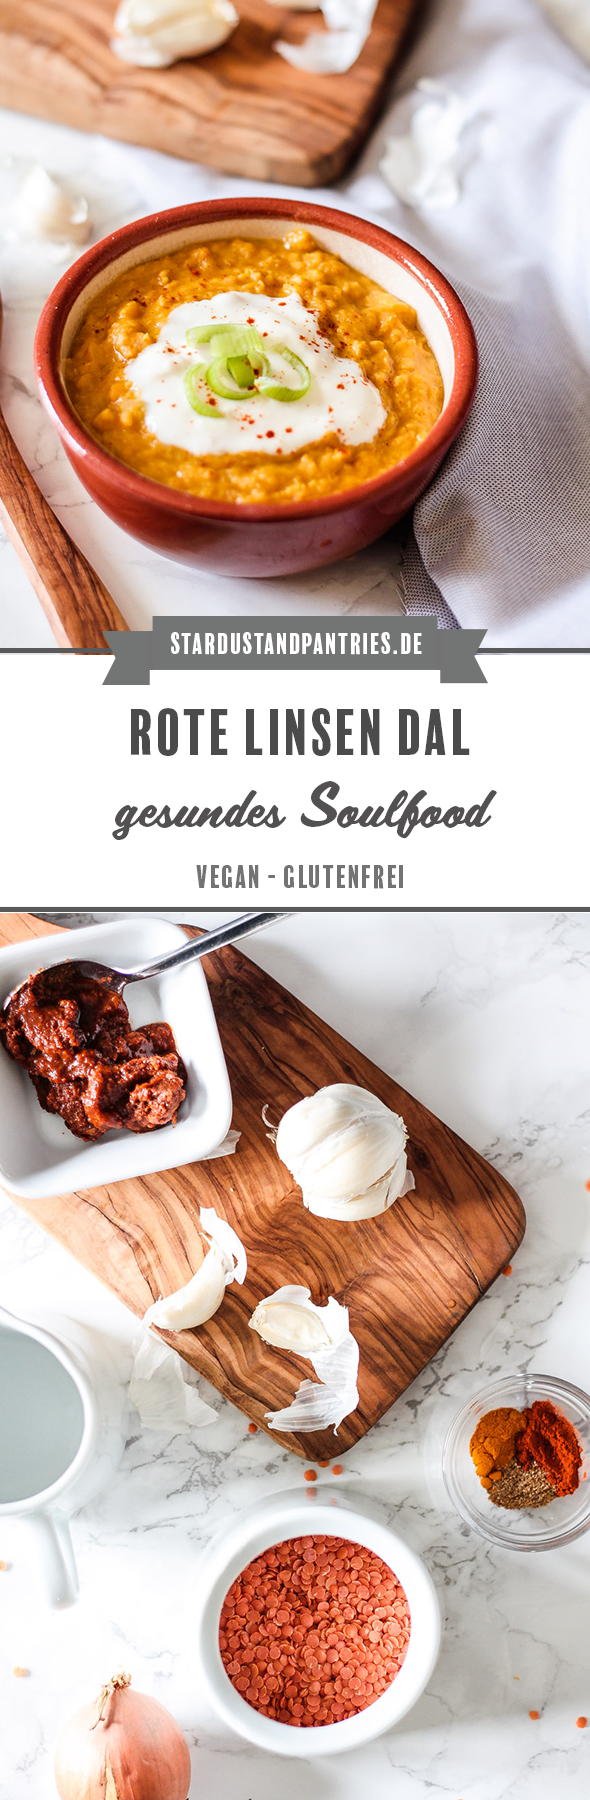 Leckeres veganes rote Linsen Dal - ein gesundes Soulfood! Dieses Dal ist wirklich einfach zuzubereiten und eignet sich auch als Abendessen für unter der Woche!#dal #vegan #soulfood